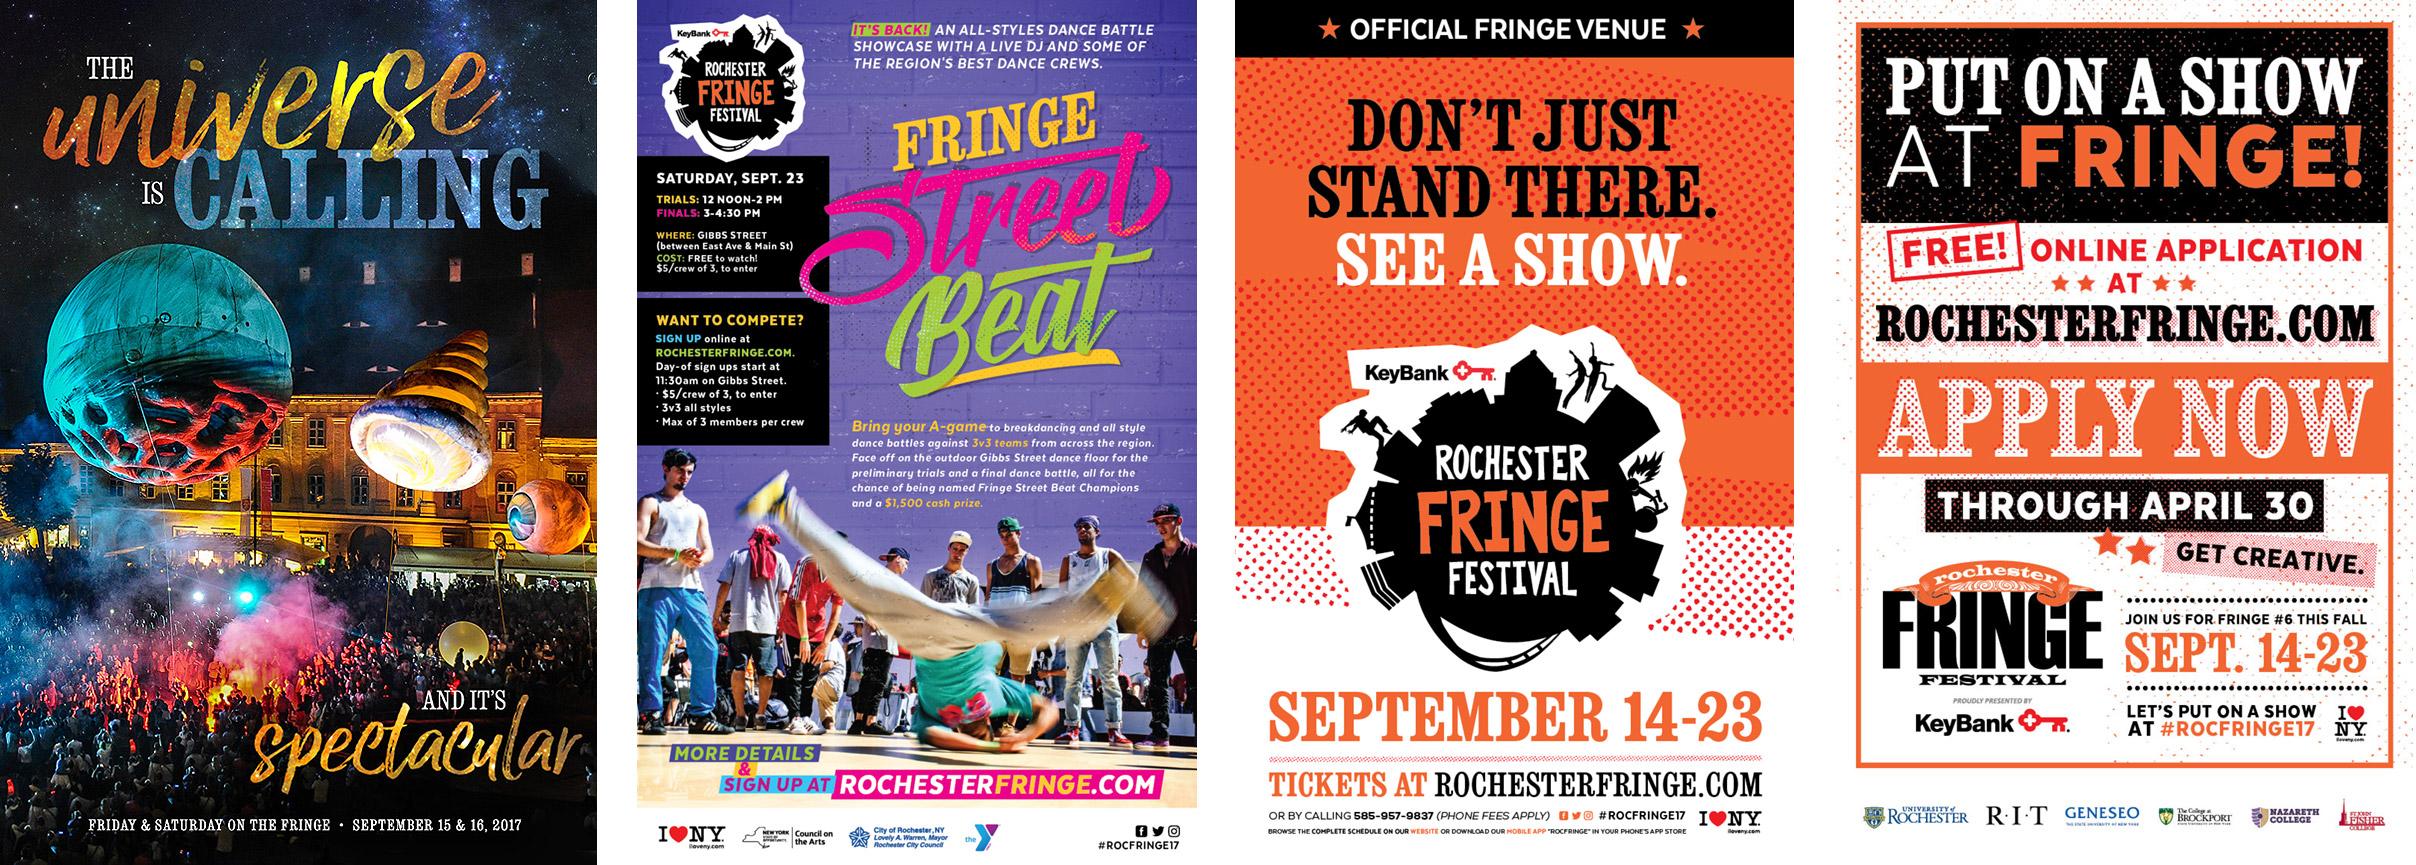 Fringe Poster Designs